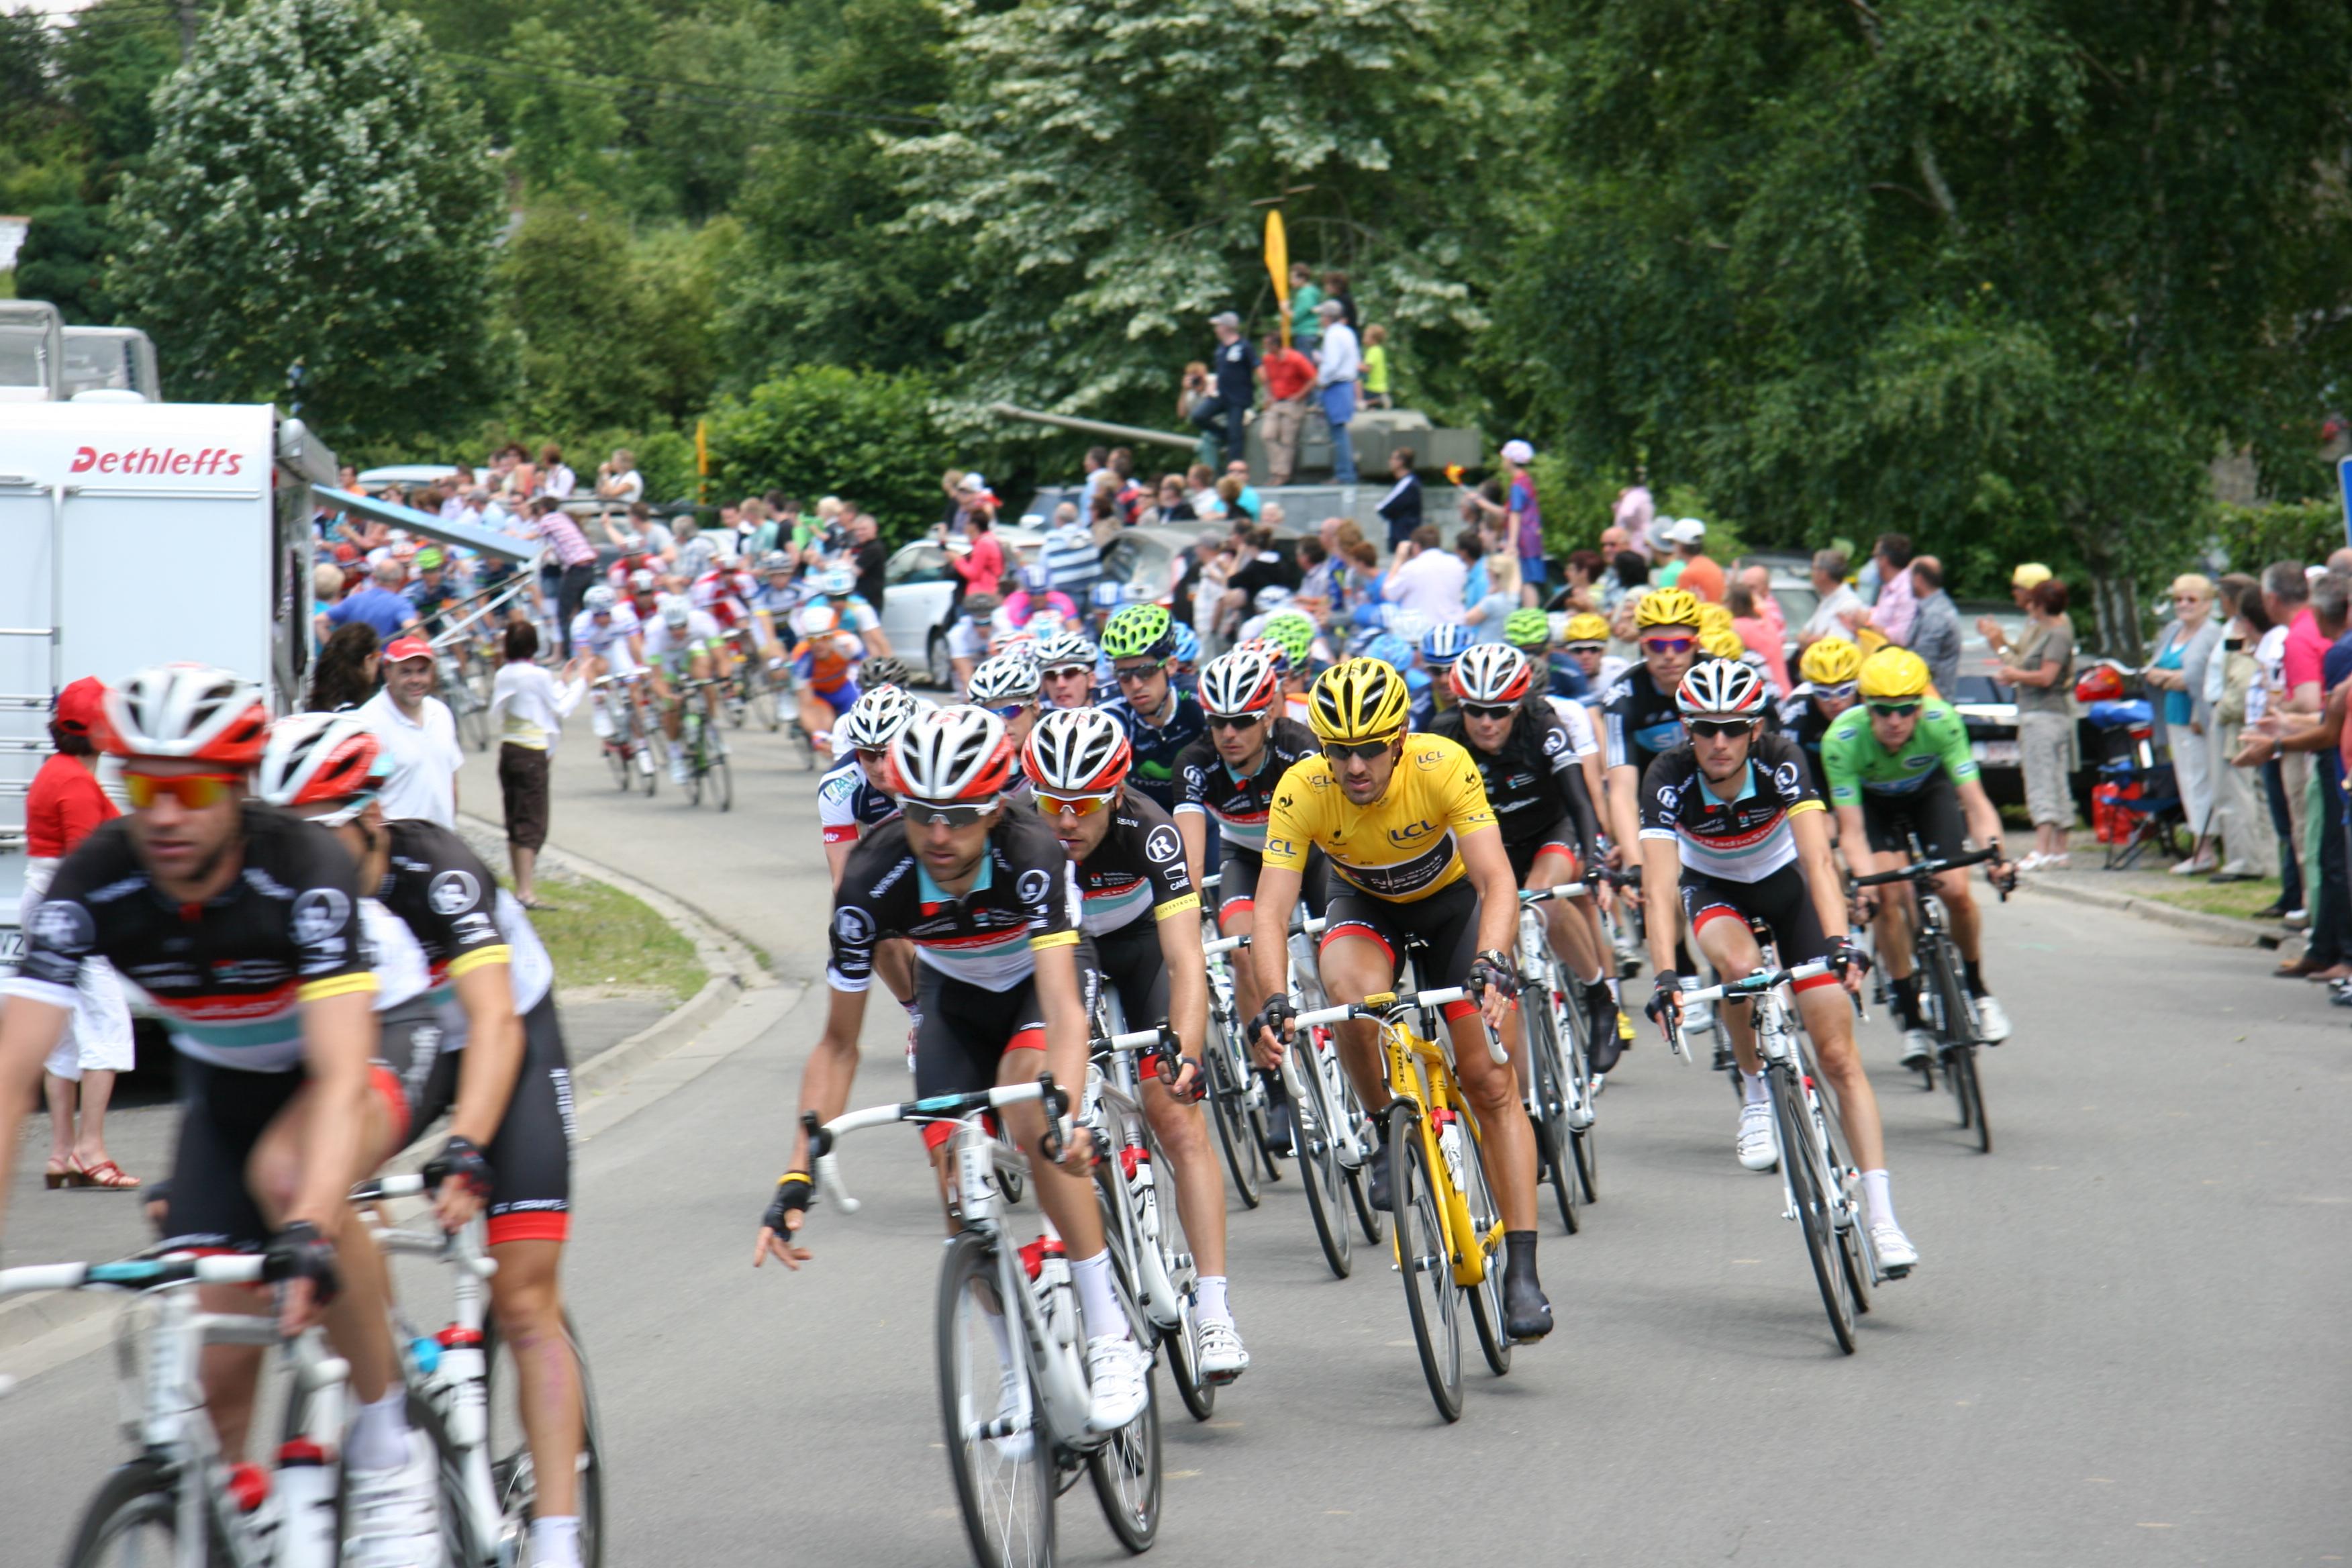 2013 Tour of Belgium